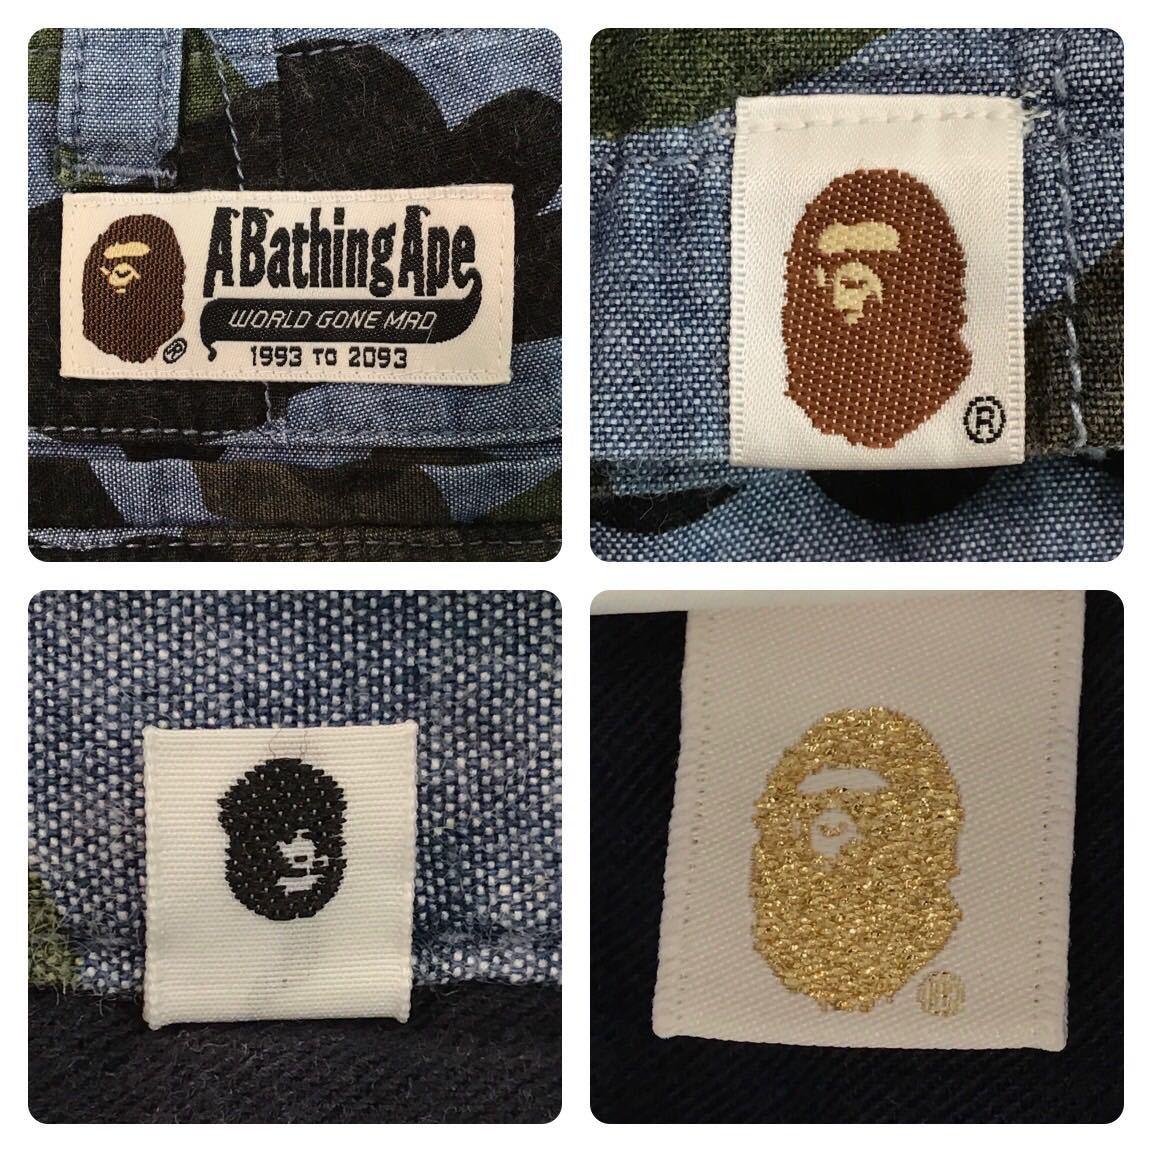 Bape camo ハーフパンツ Lサイズ a bathing ape ショーツ エイプ ベイプ アベイシングエイプ 迷彩 f980